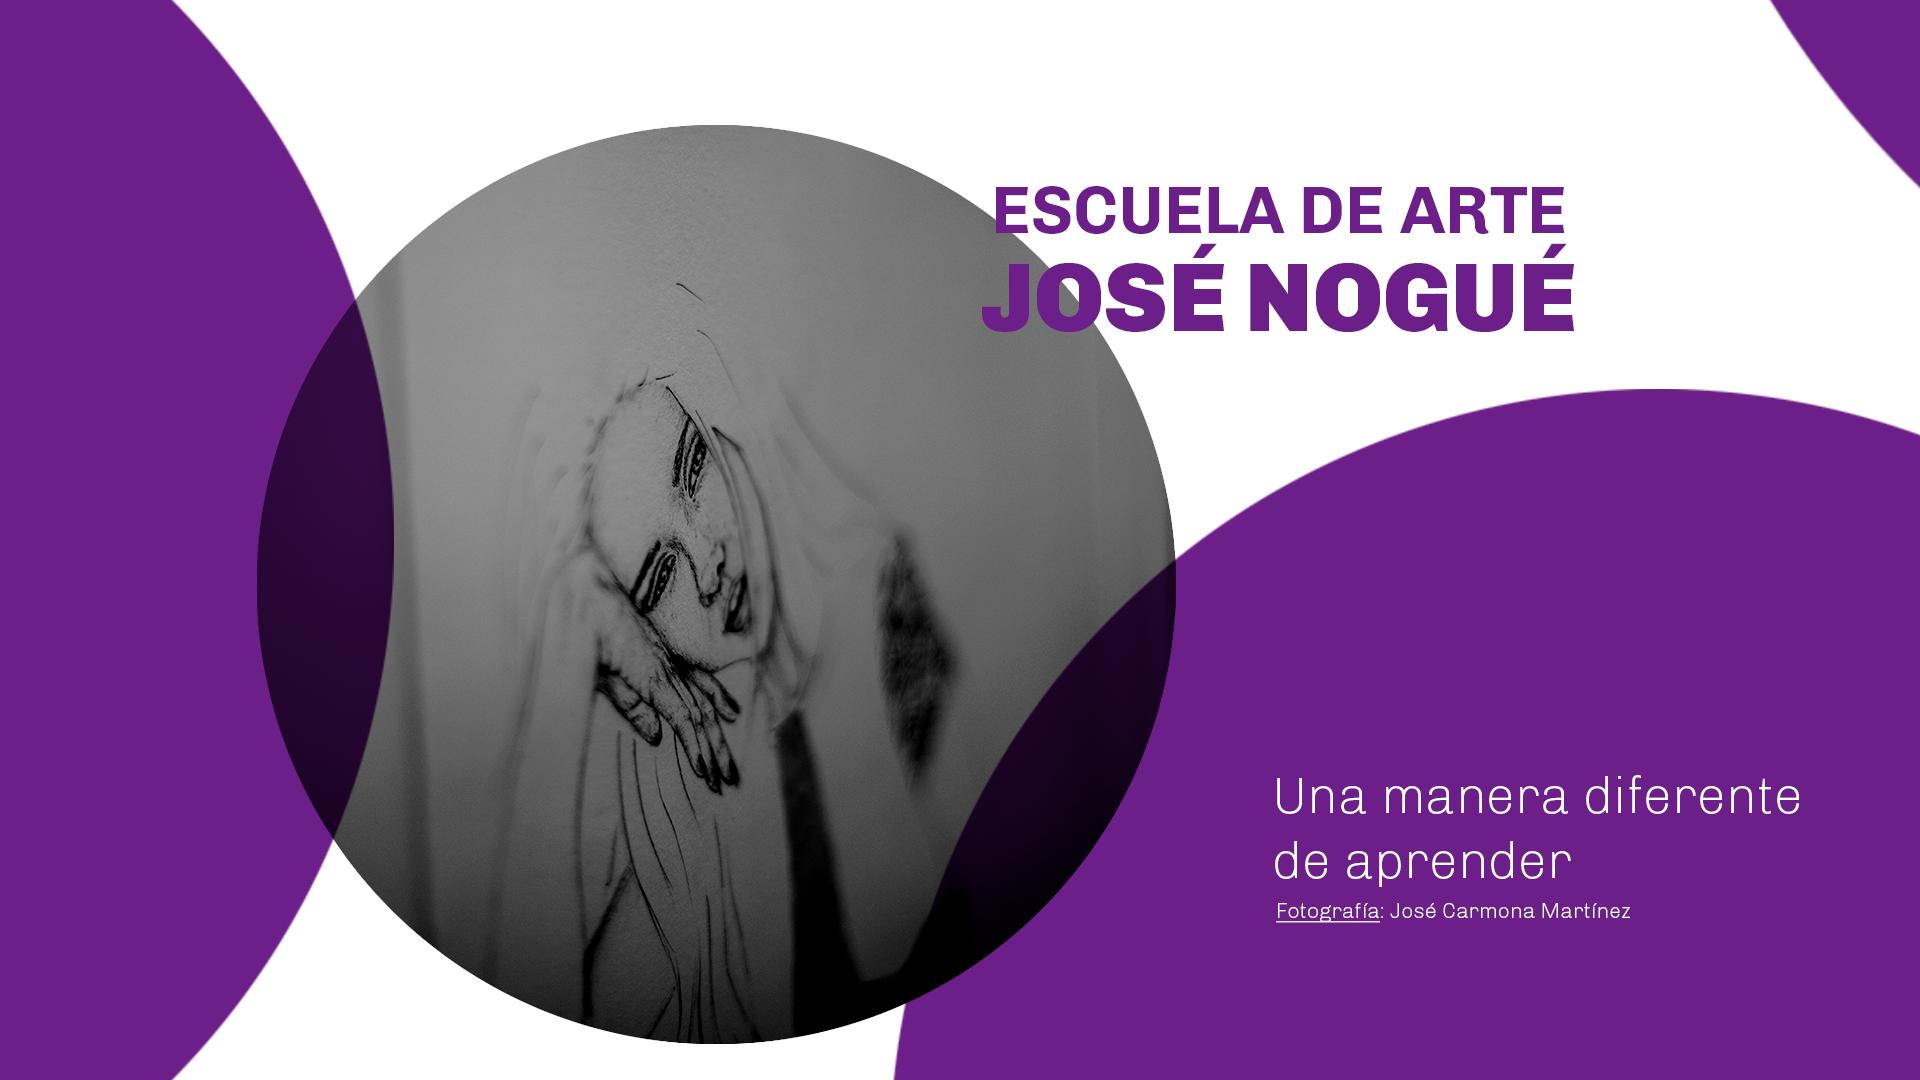 José Nogué